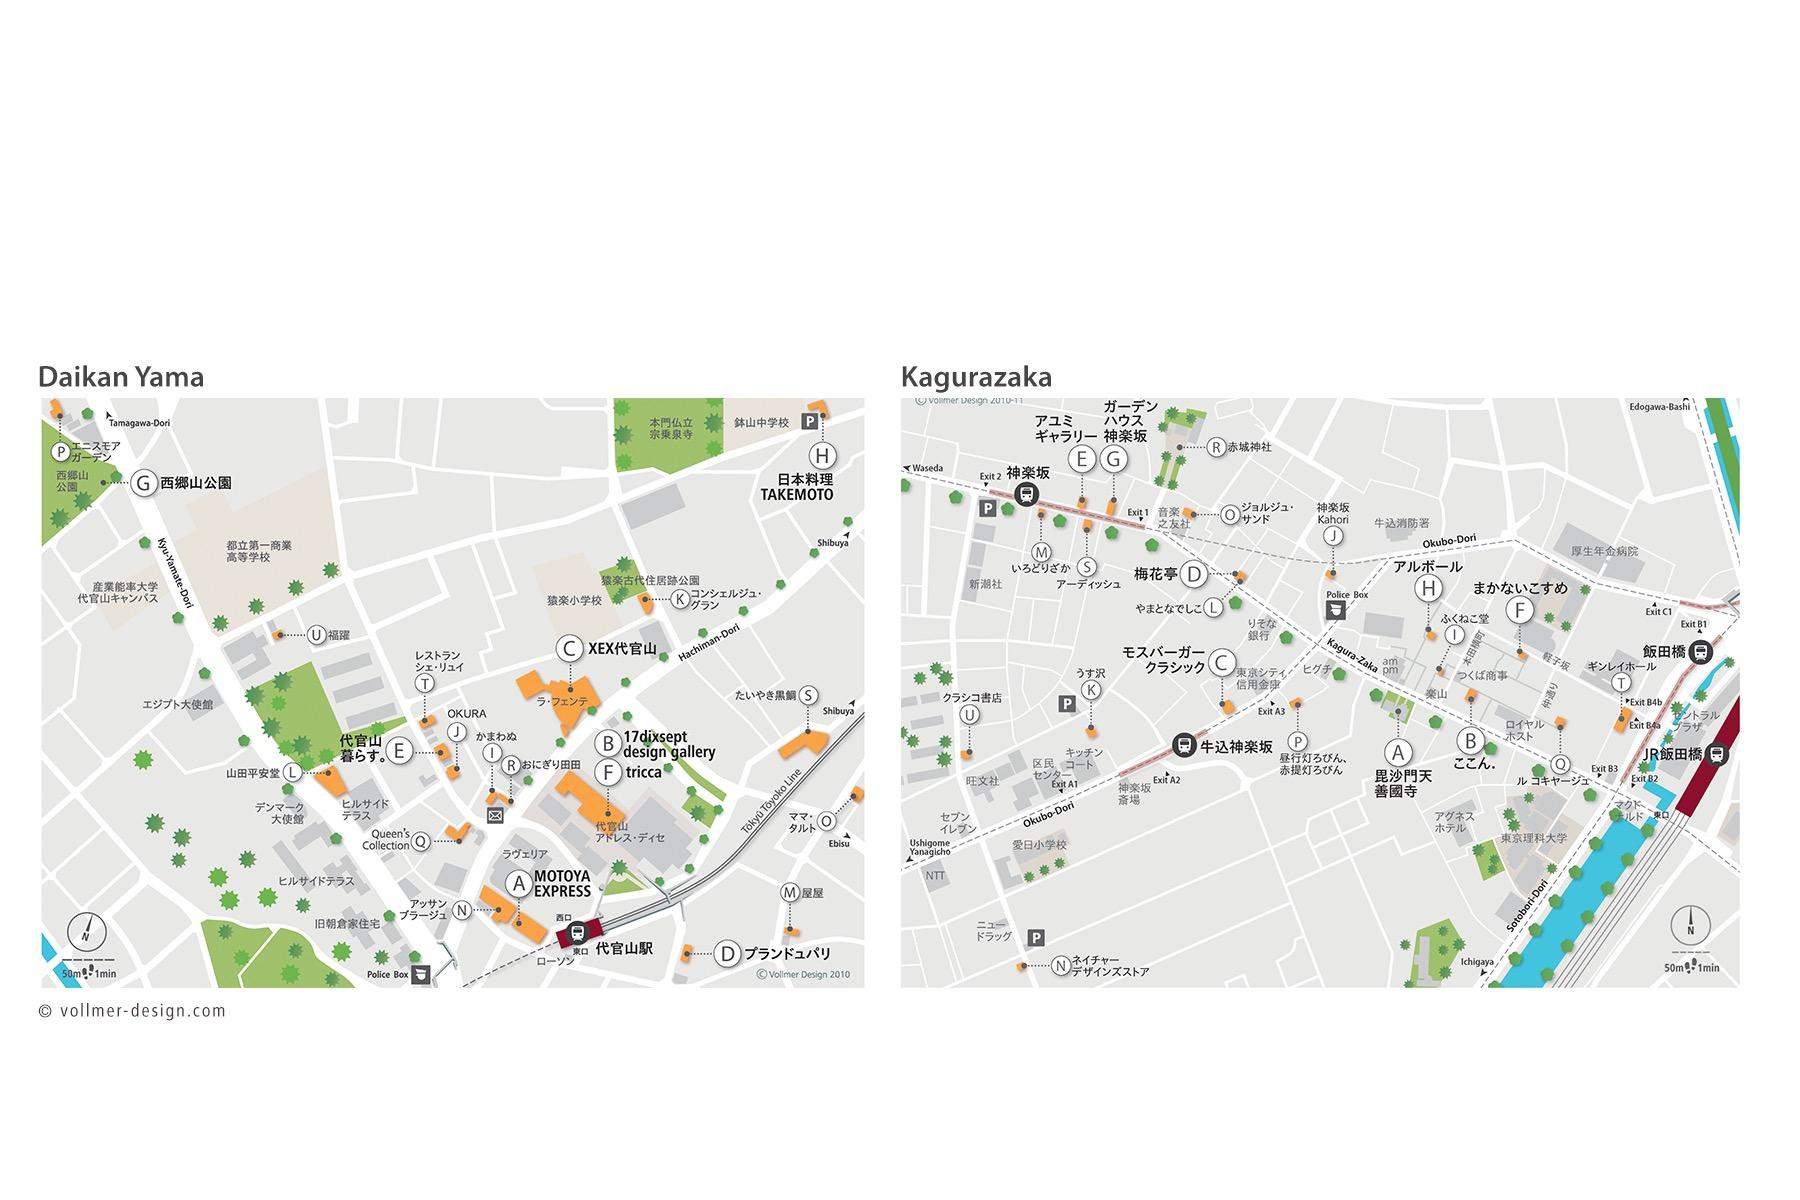 Daikan Yama Map & Kagurazaka Map